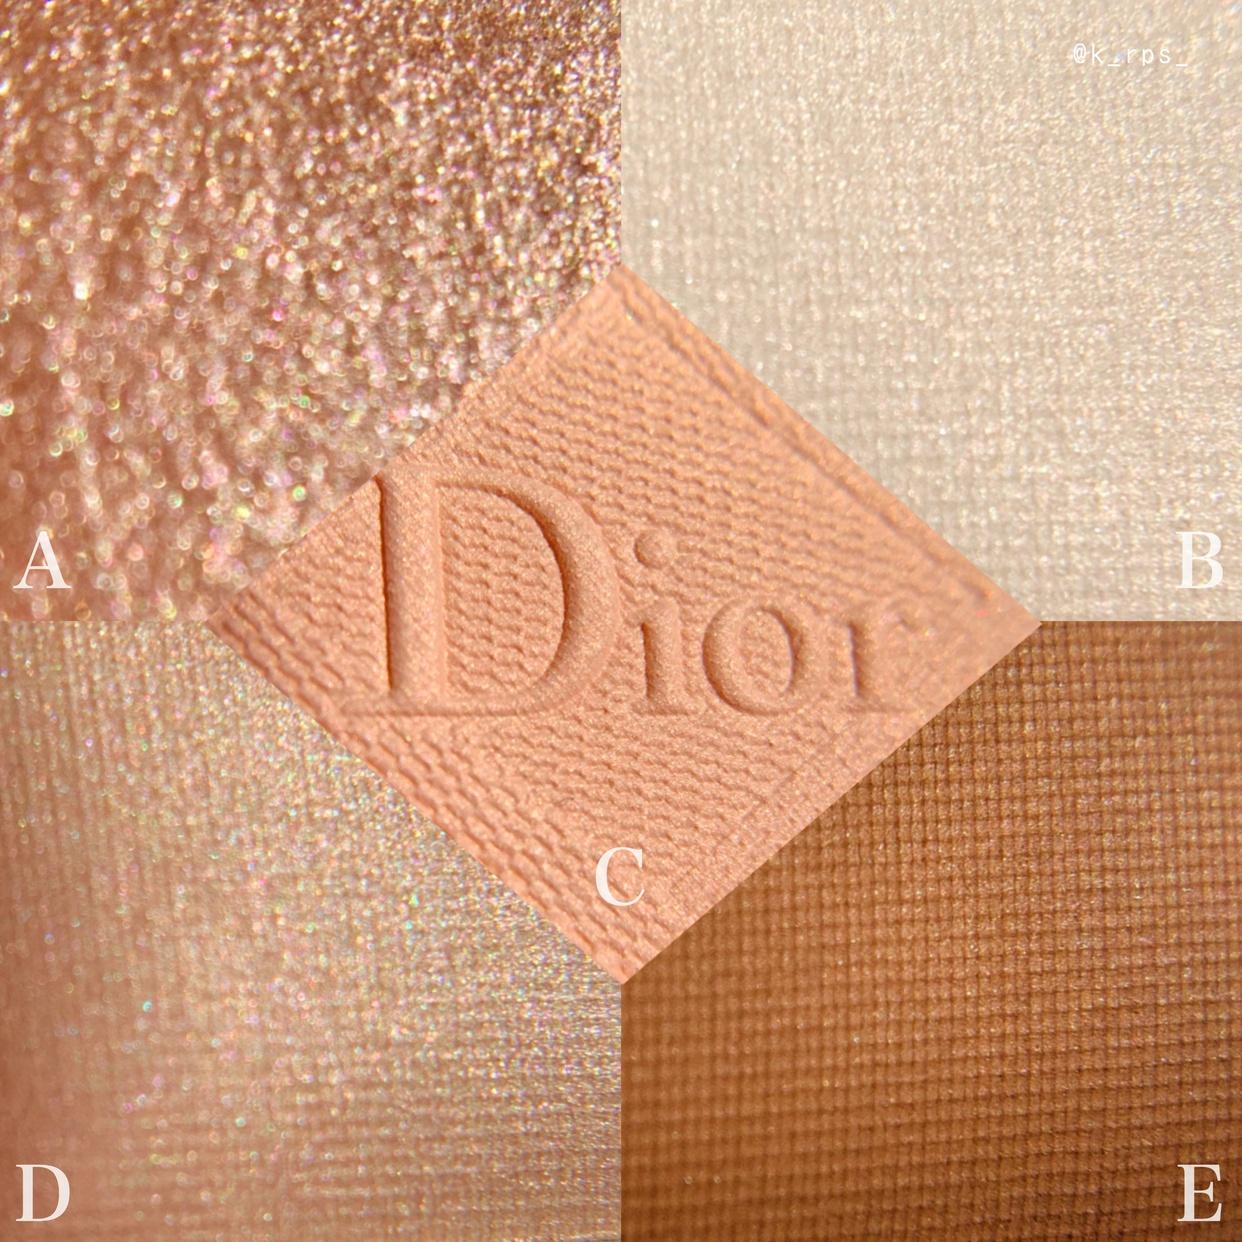 Dior(ディオール) サンク クルール クチュールを使ったKeiさんのクチコミ画像3